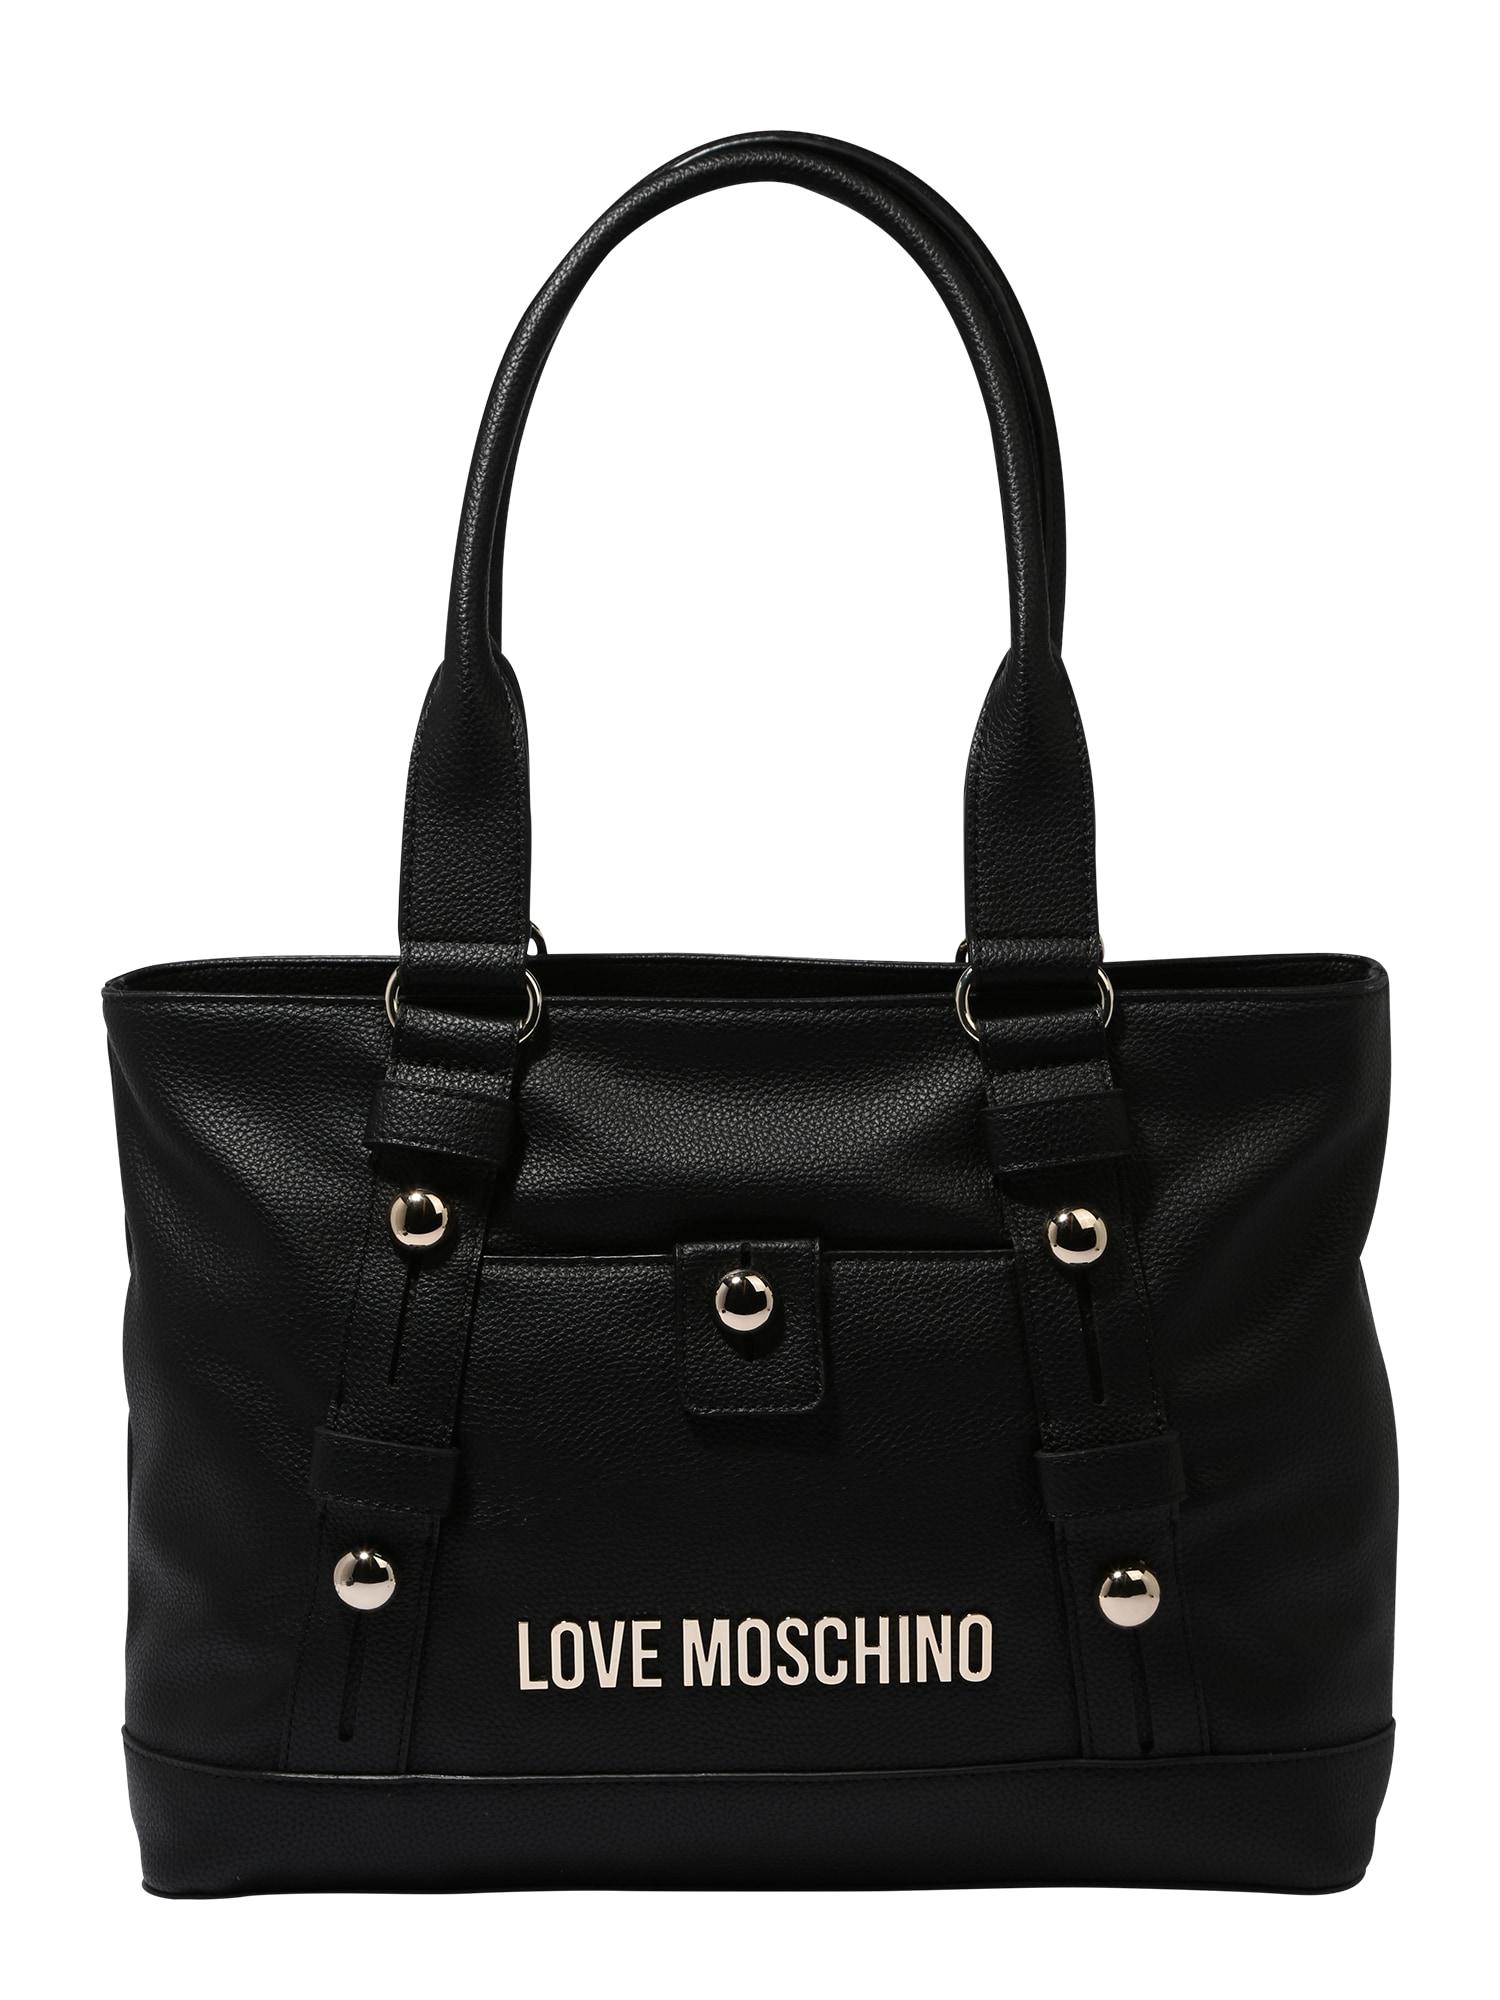 Love Moschino Pirkinių krepšys juoda